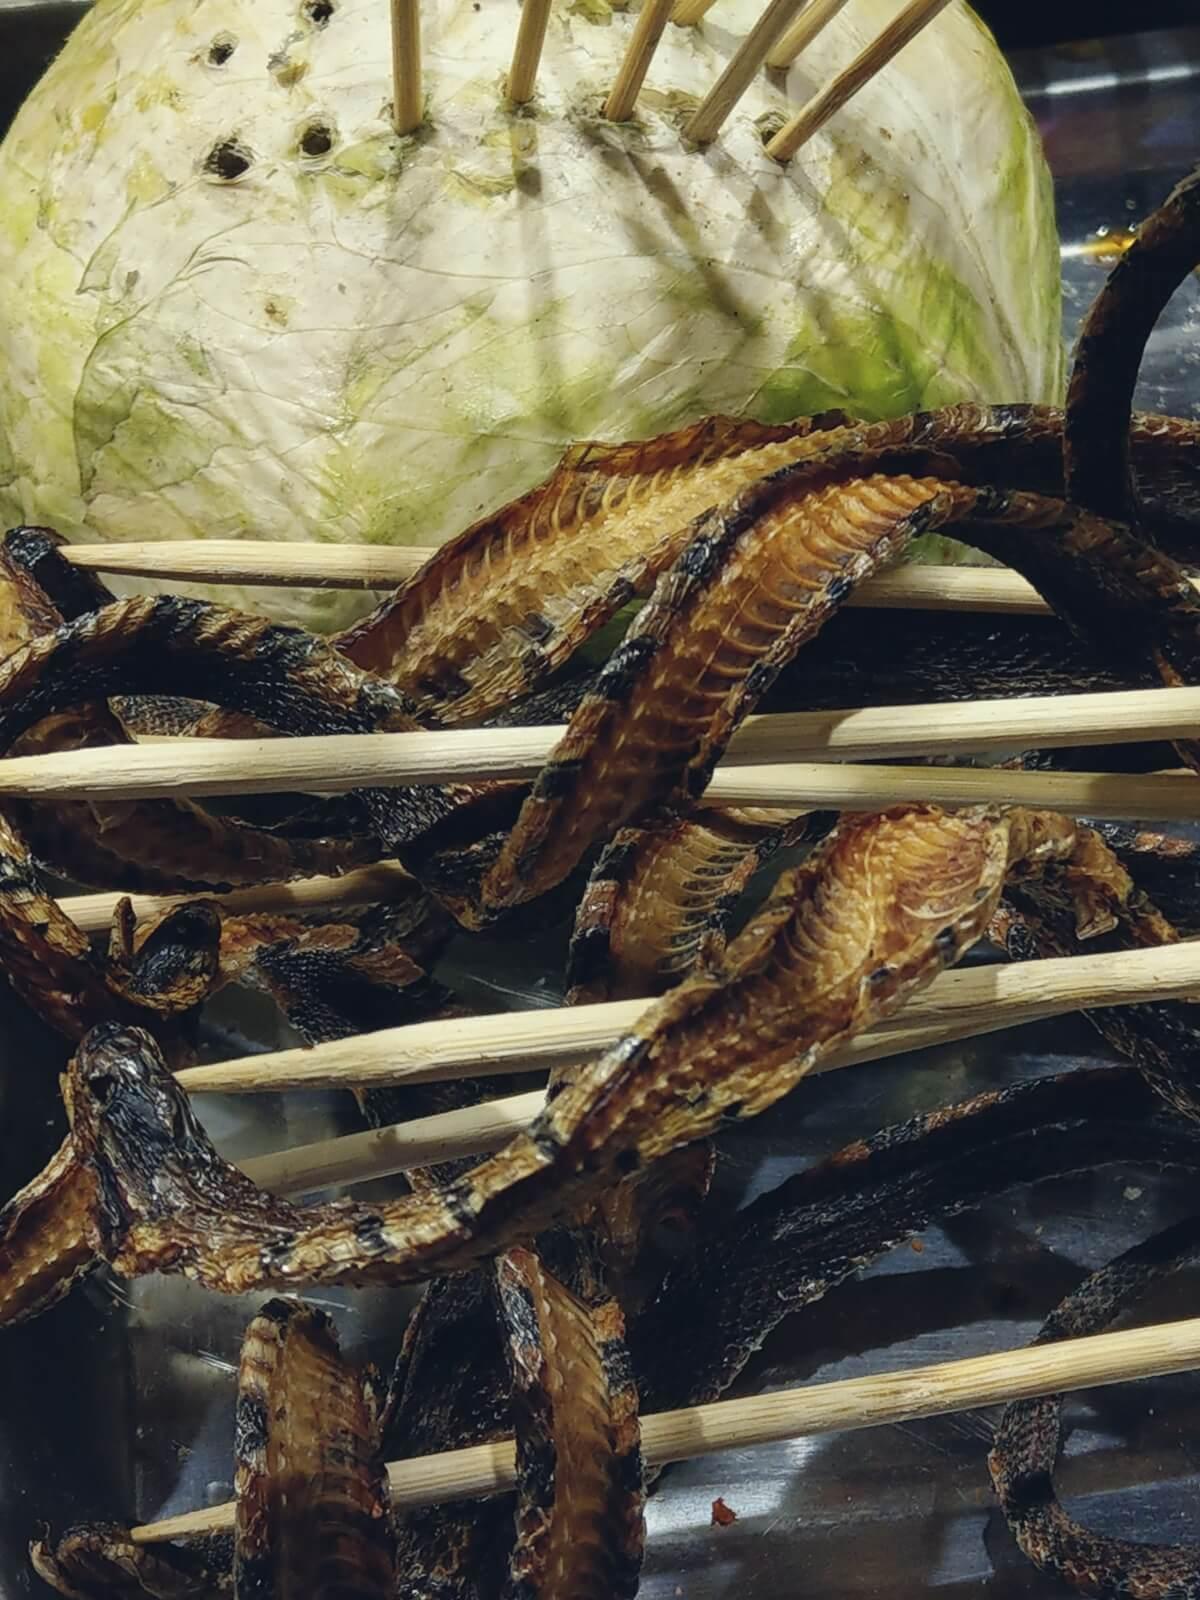 Chińskie przysmaki. Danie z węża.